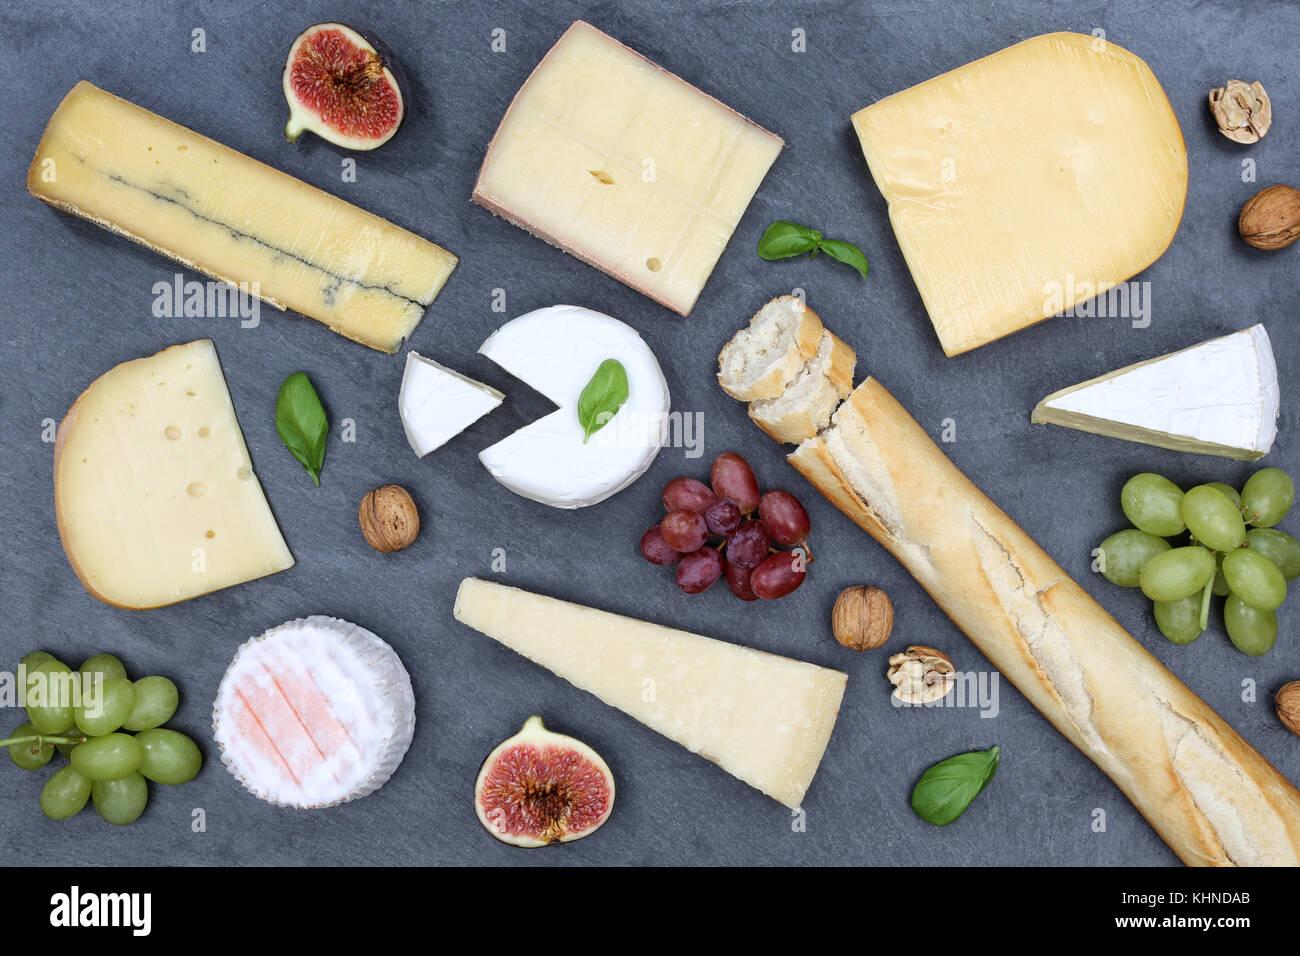 Plateau de fromages camembert pain suisse plaque ardoise haut Vue de dessus Photo Stock